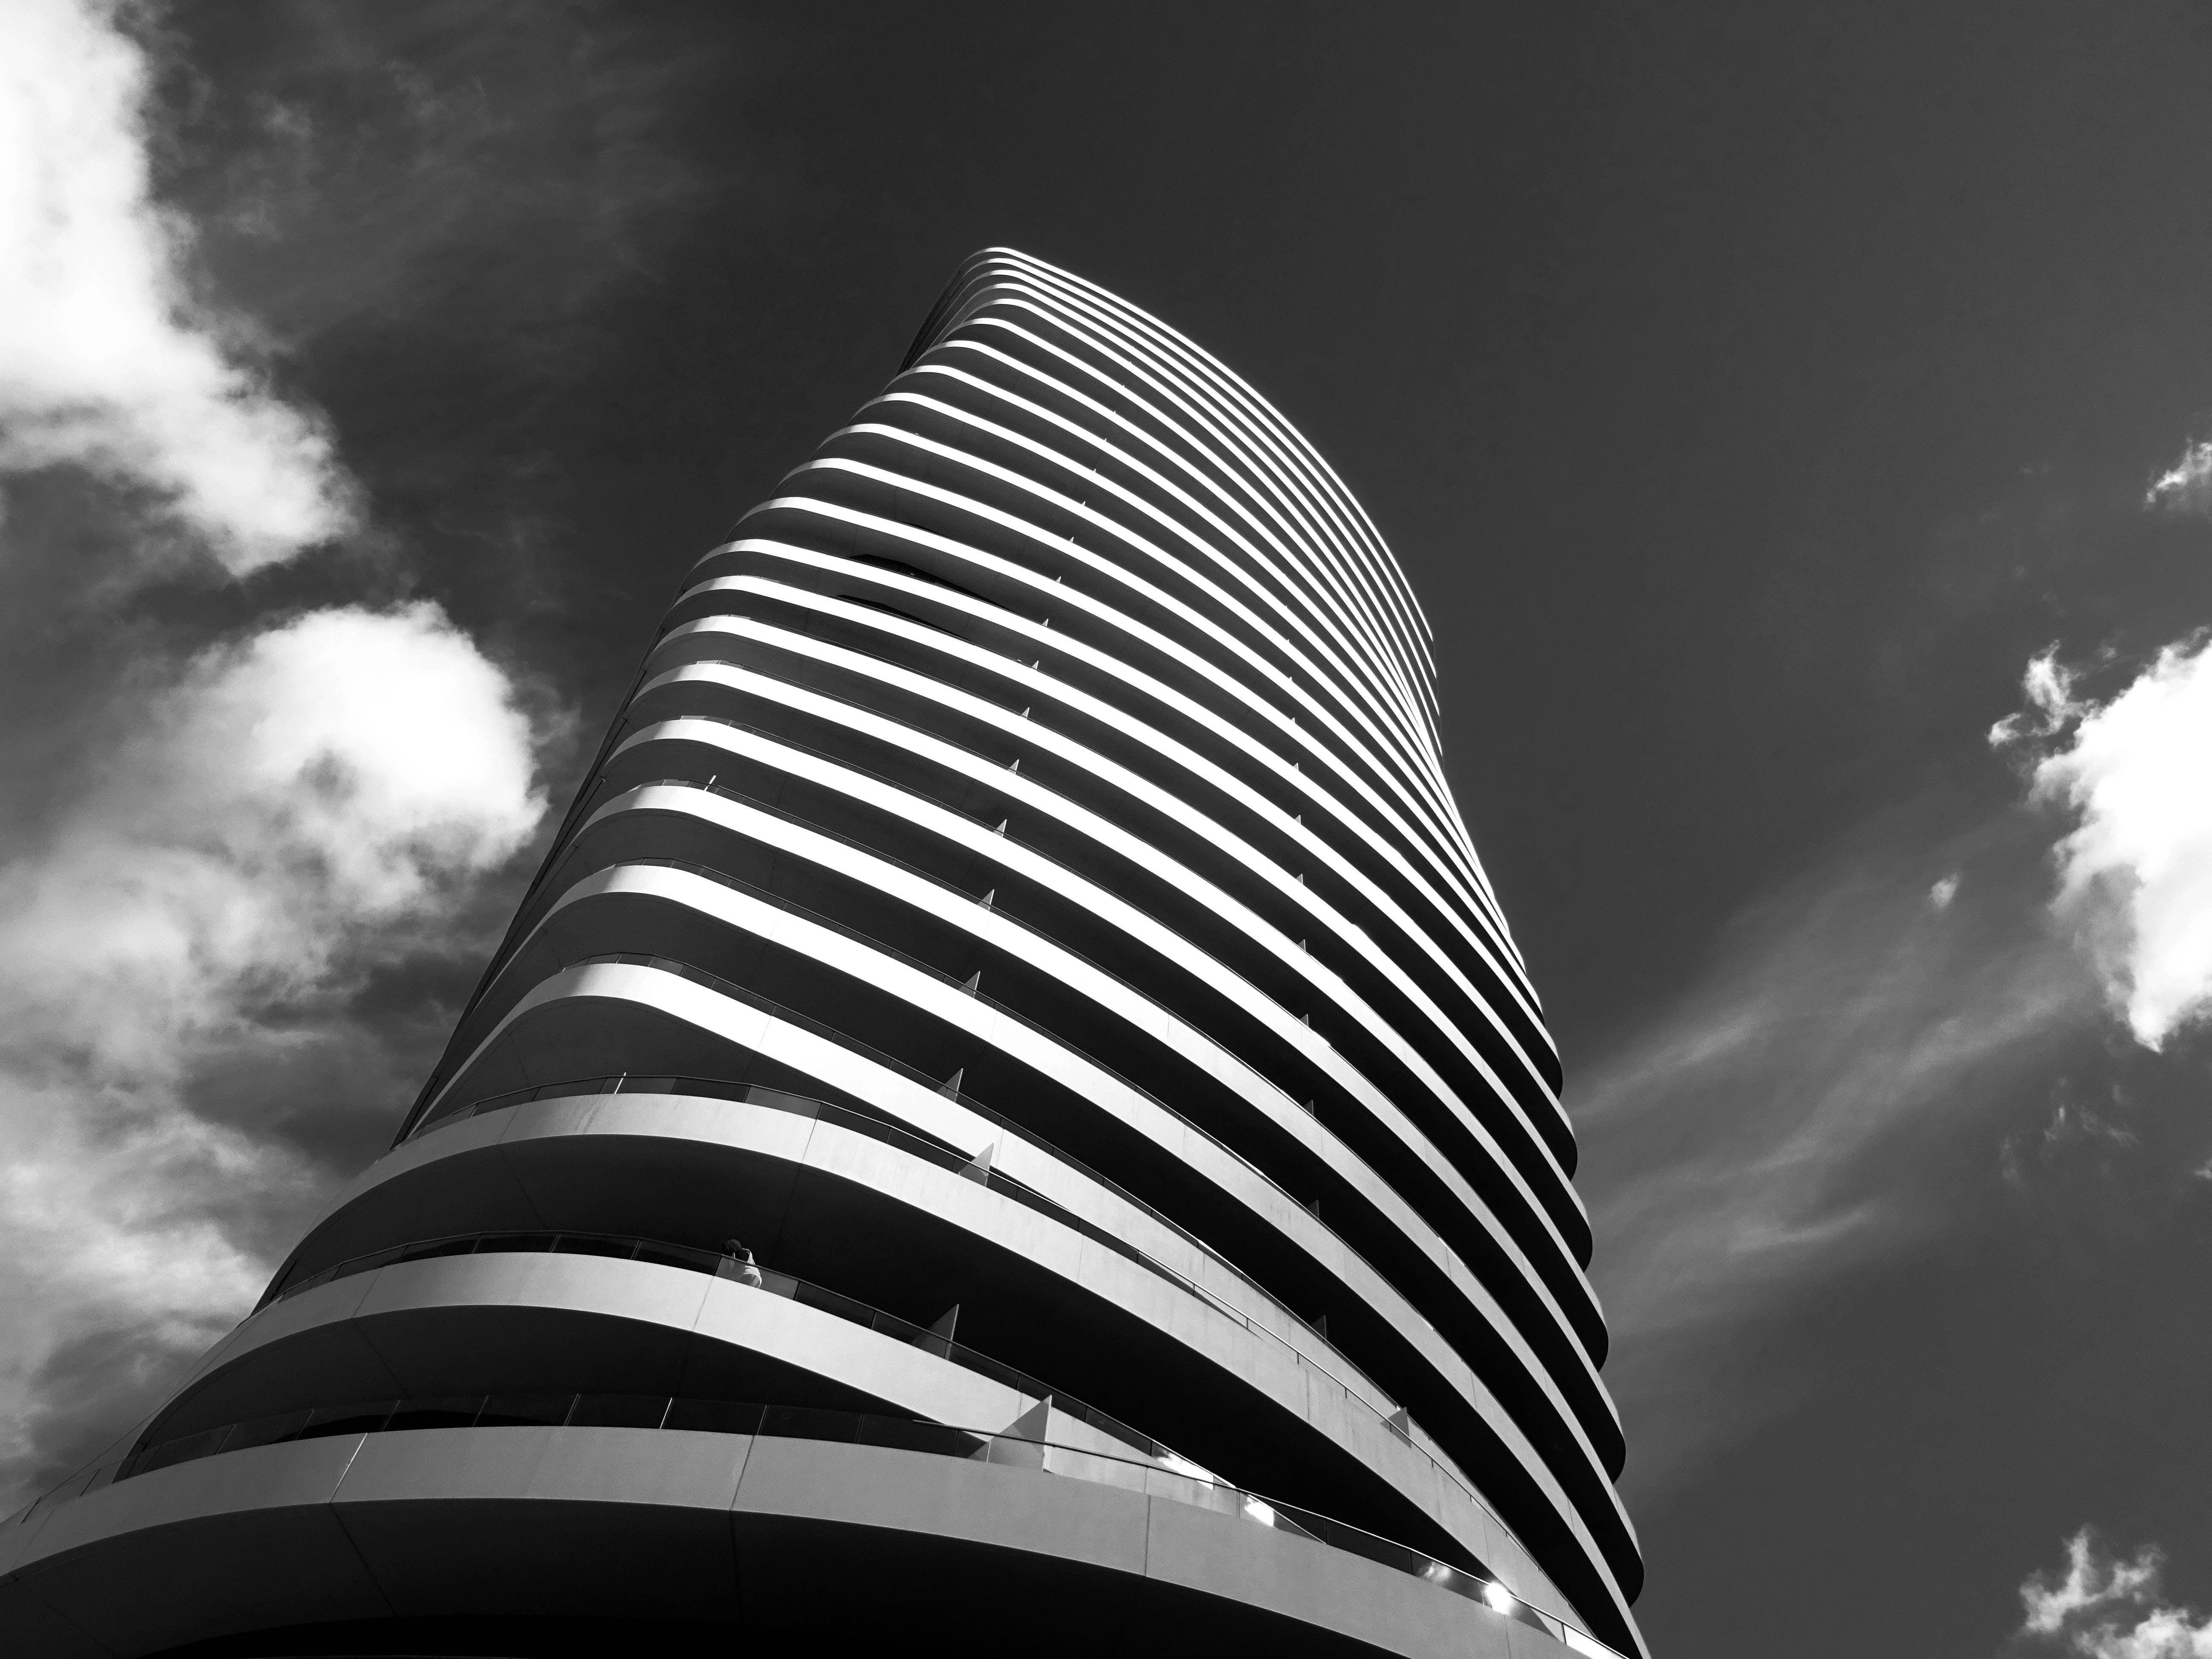 강철, 건설, 건축, 건축 설계의 무료 스톡 사진